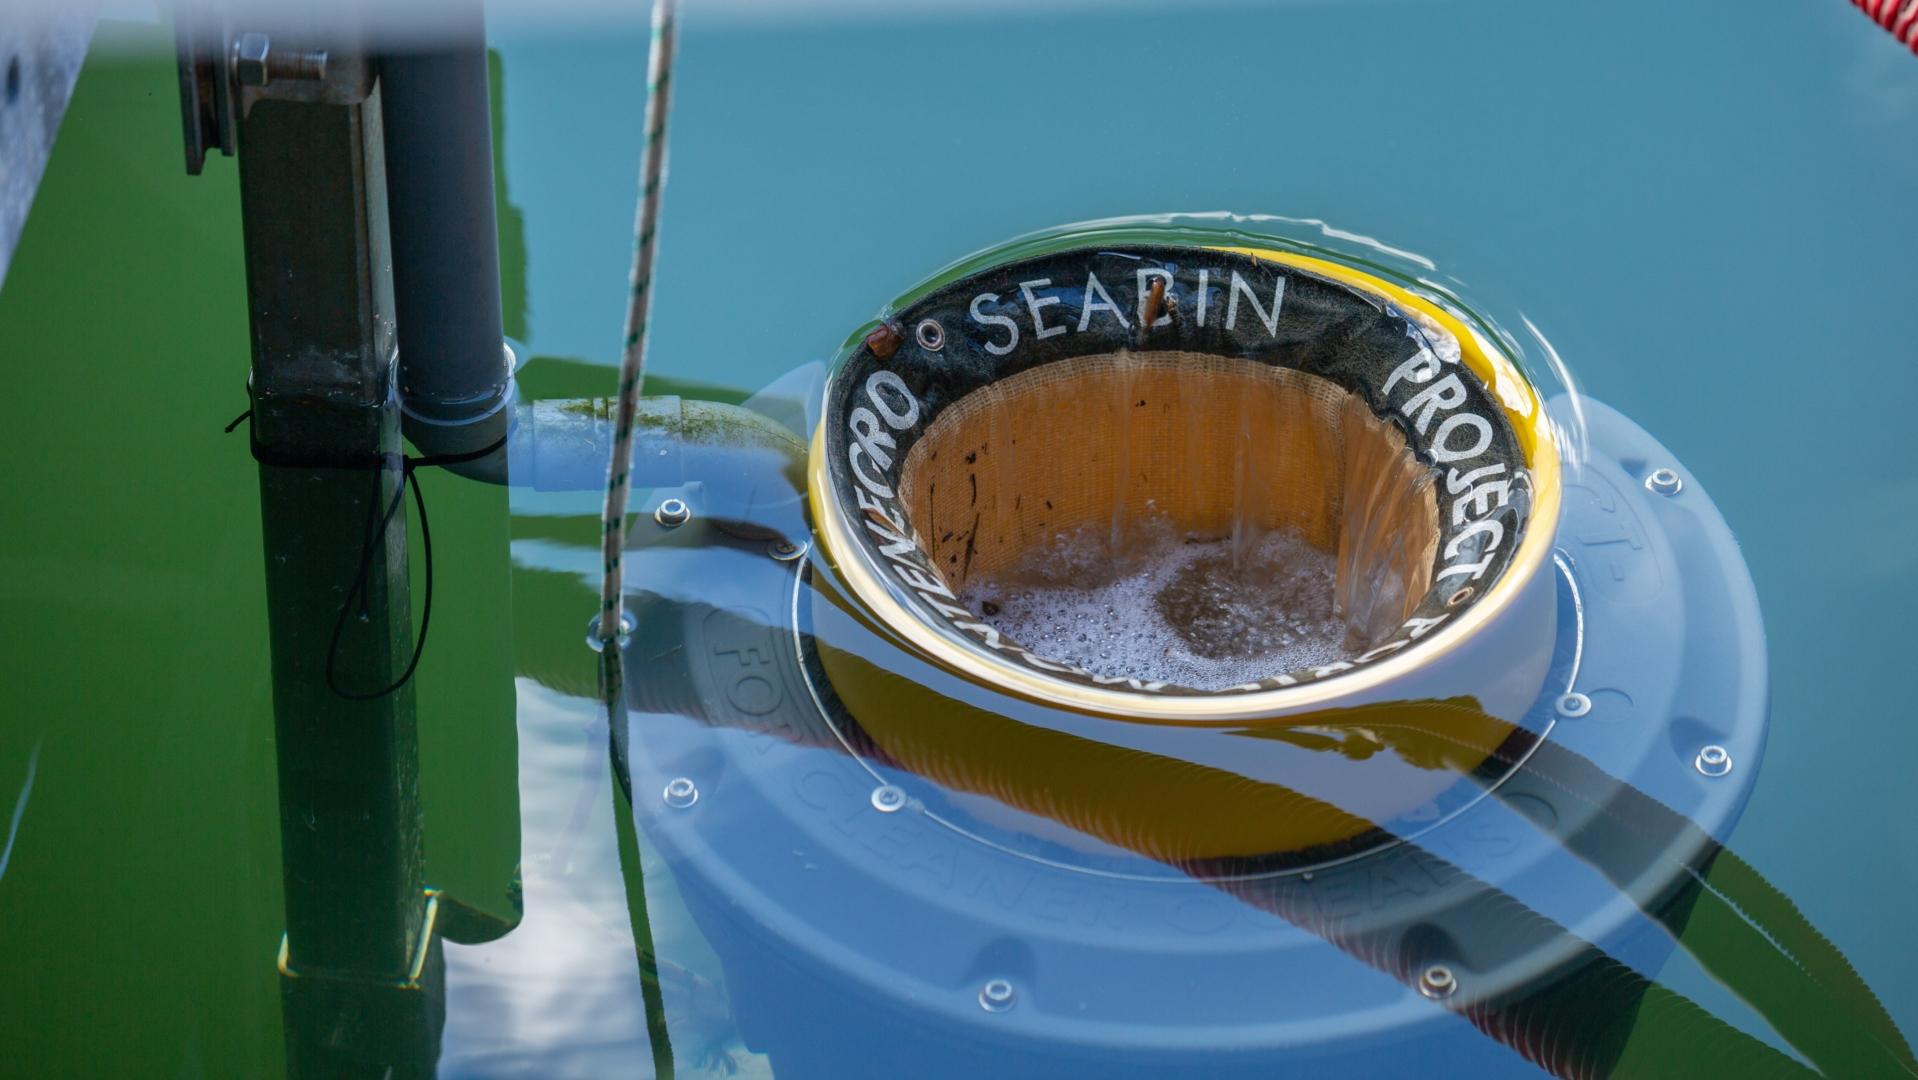 Seabin anche a Venezia